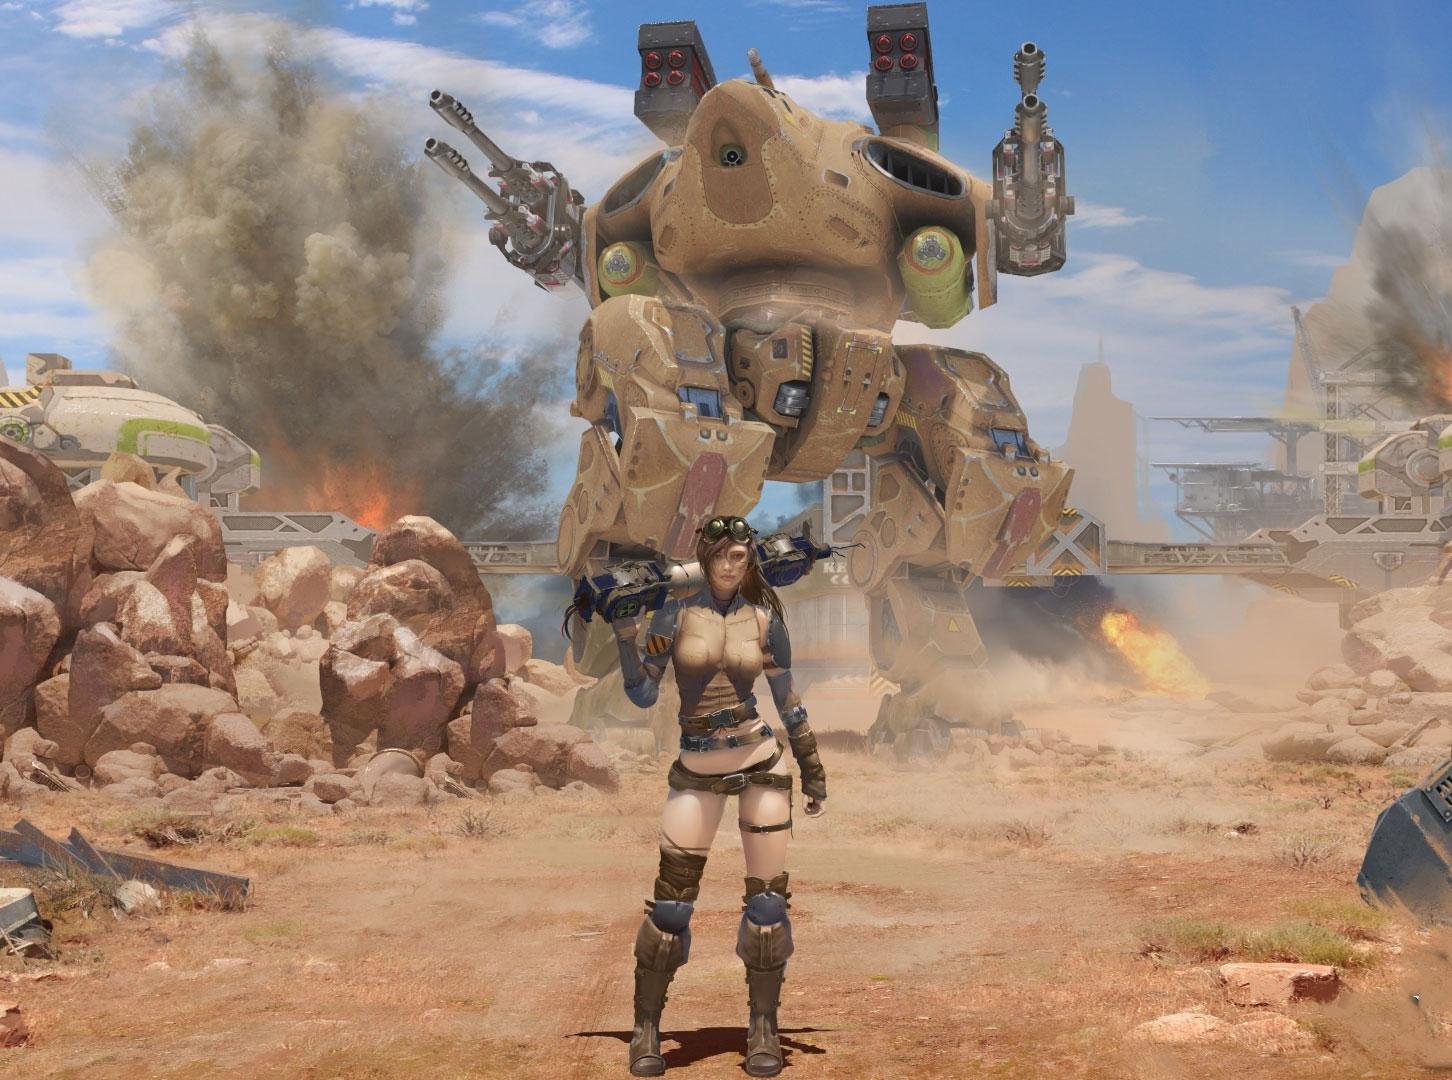 War Robots(WR) スマホアプリとは思えない大迫力の高グラフィックやBGMは見ているだけでもカッコいい